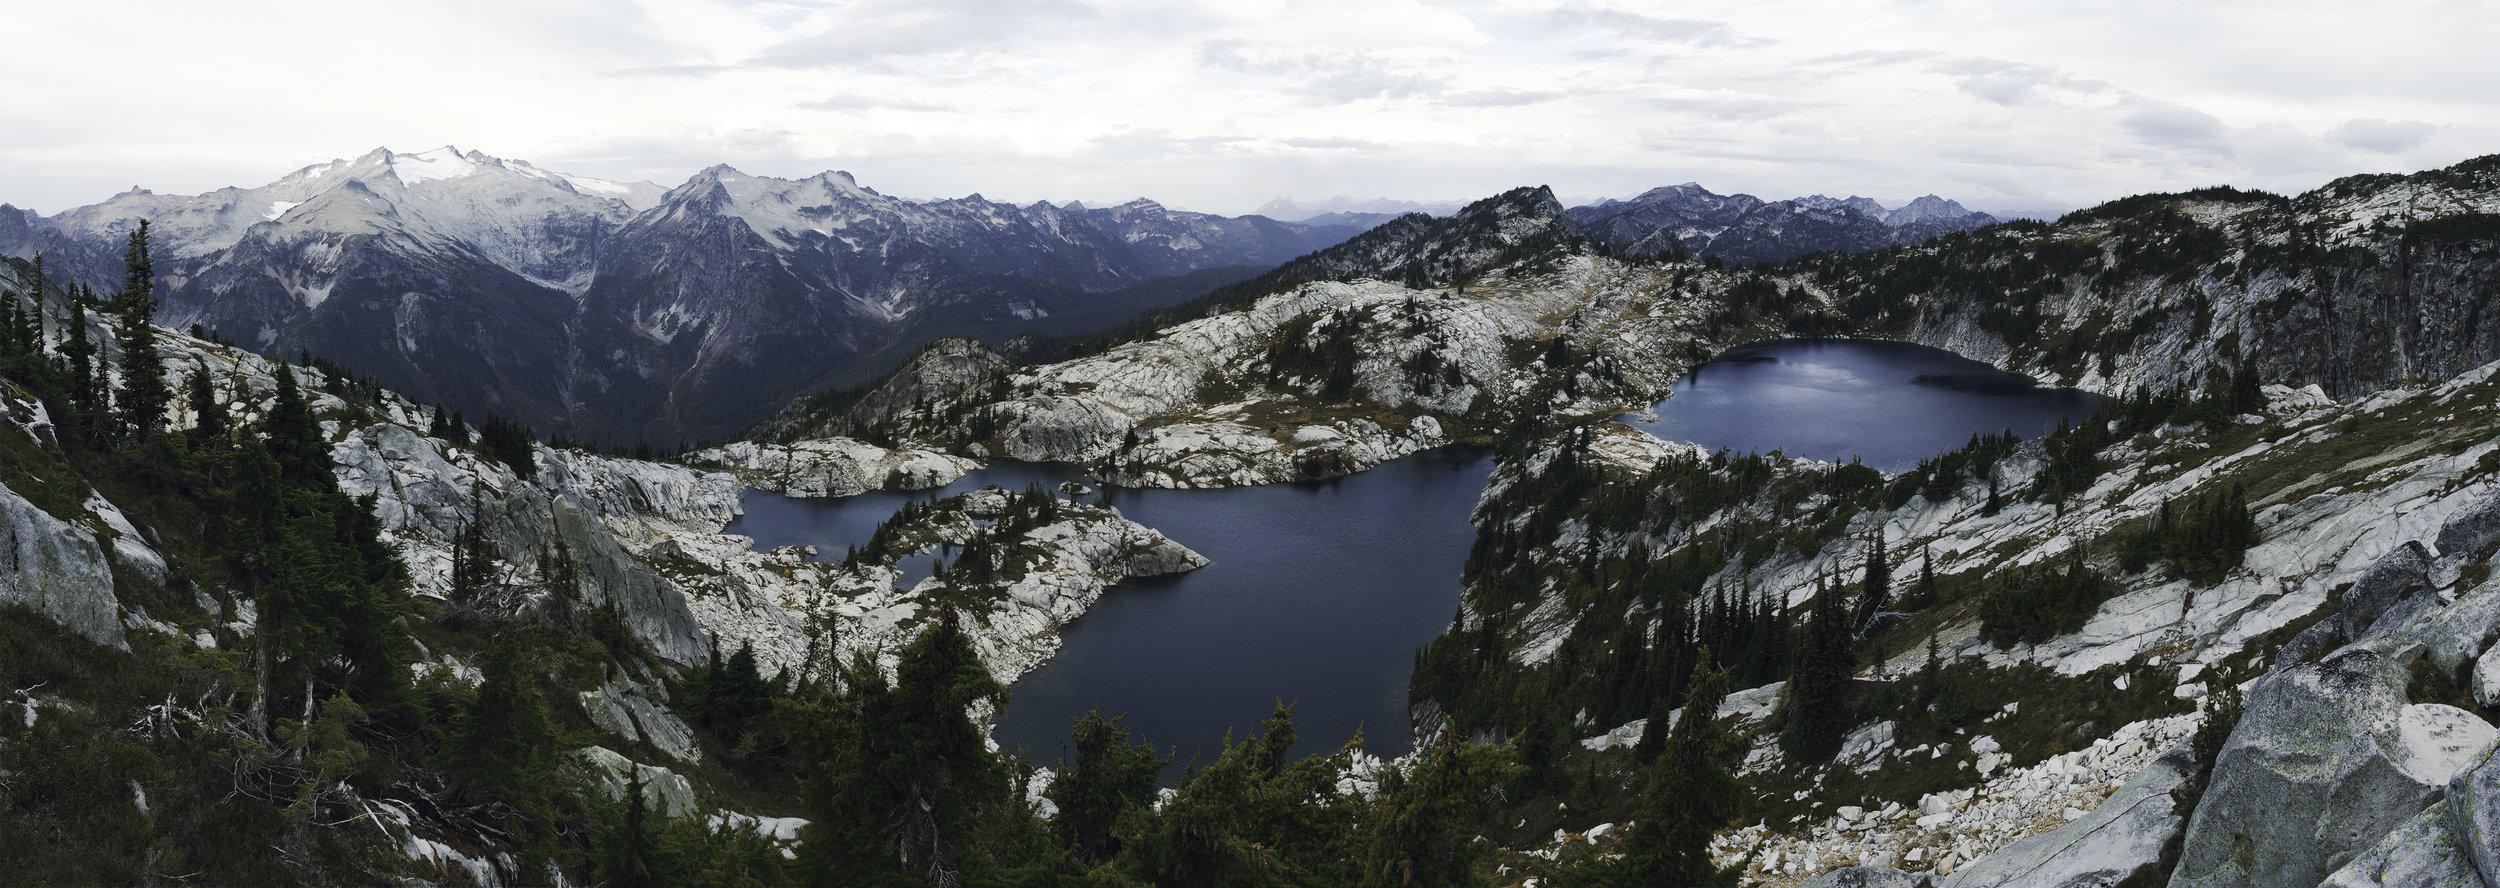 Robin Lakes, Alpine Lakes Wilderness, Washington